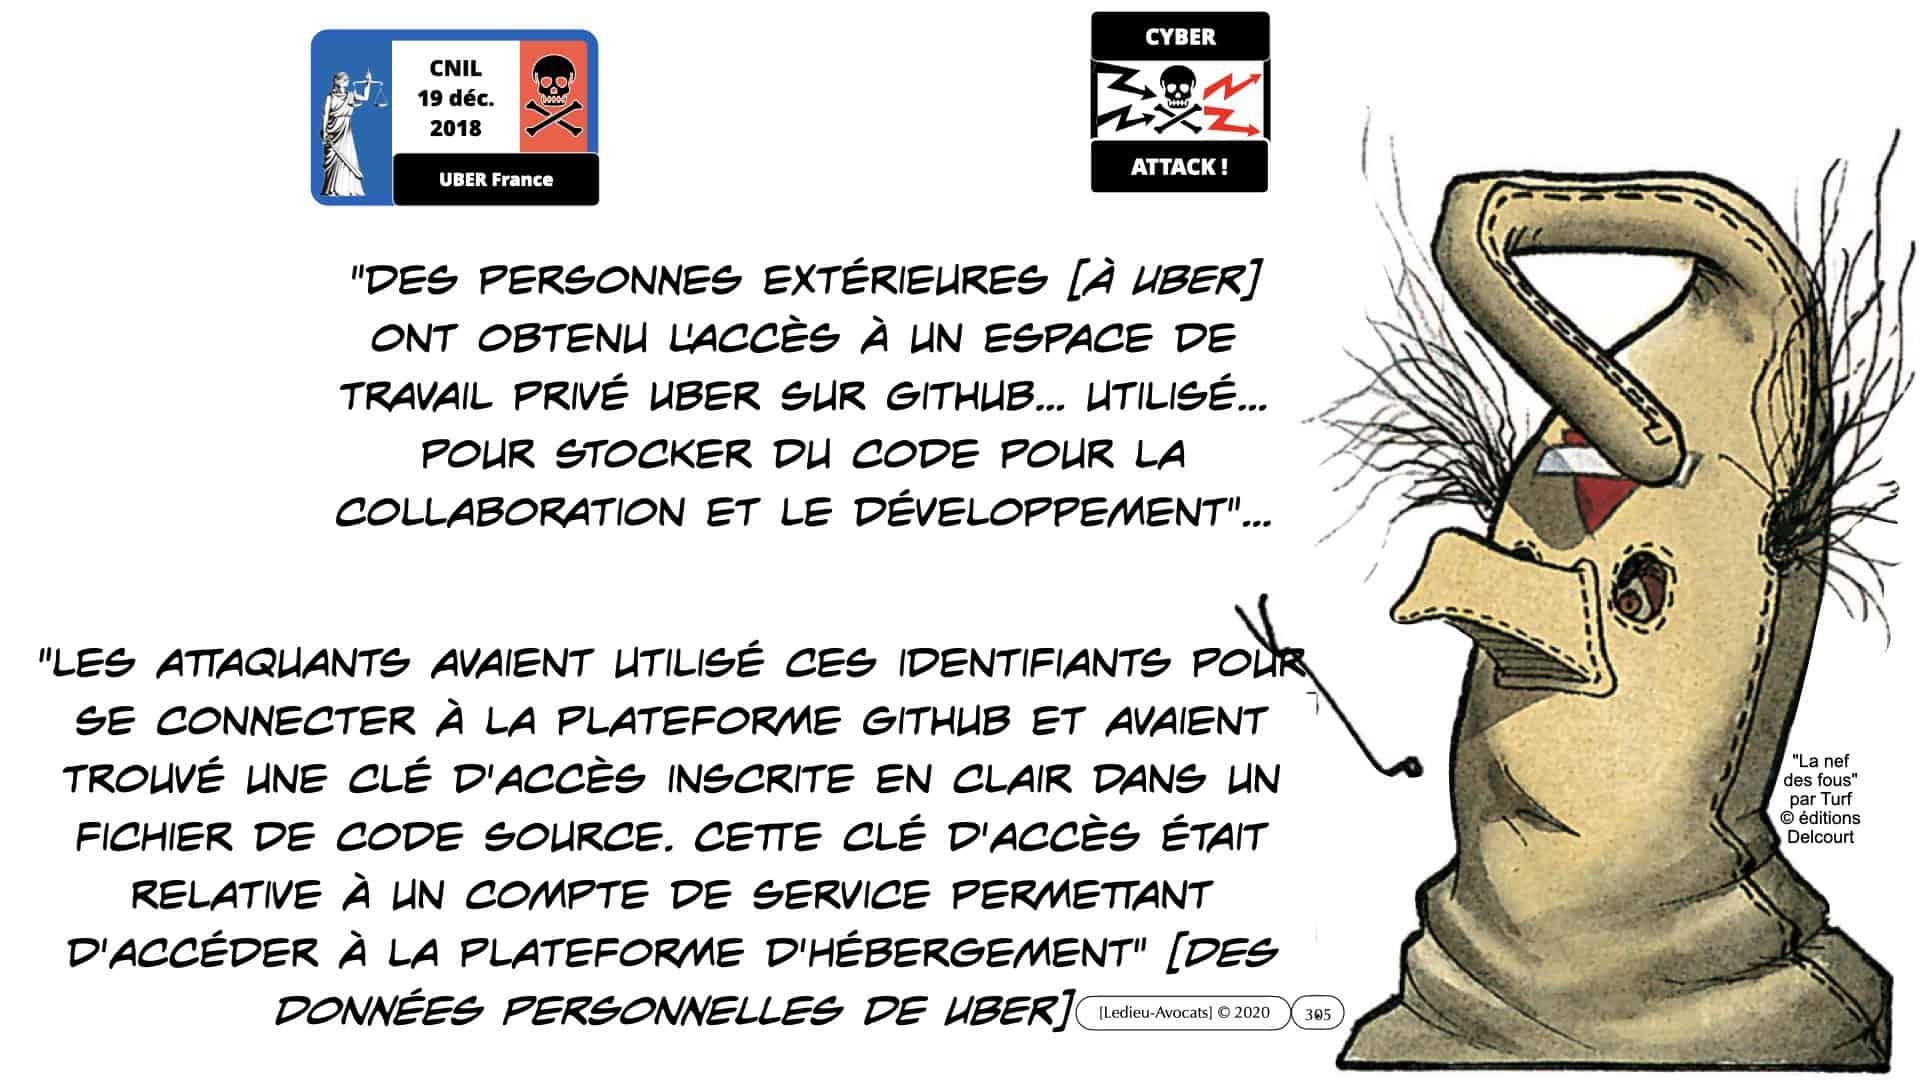 RGPD e-Privacy données personnelles jurisprudence formation Lamy Les Echos 10-02-2021 ©Ledieu-Avocats.305